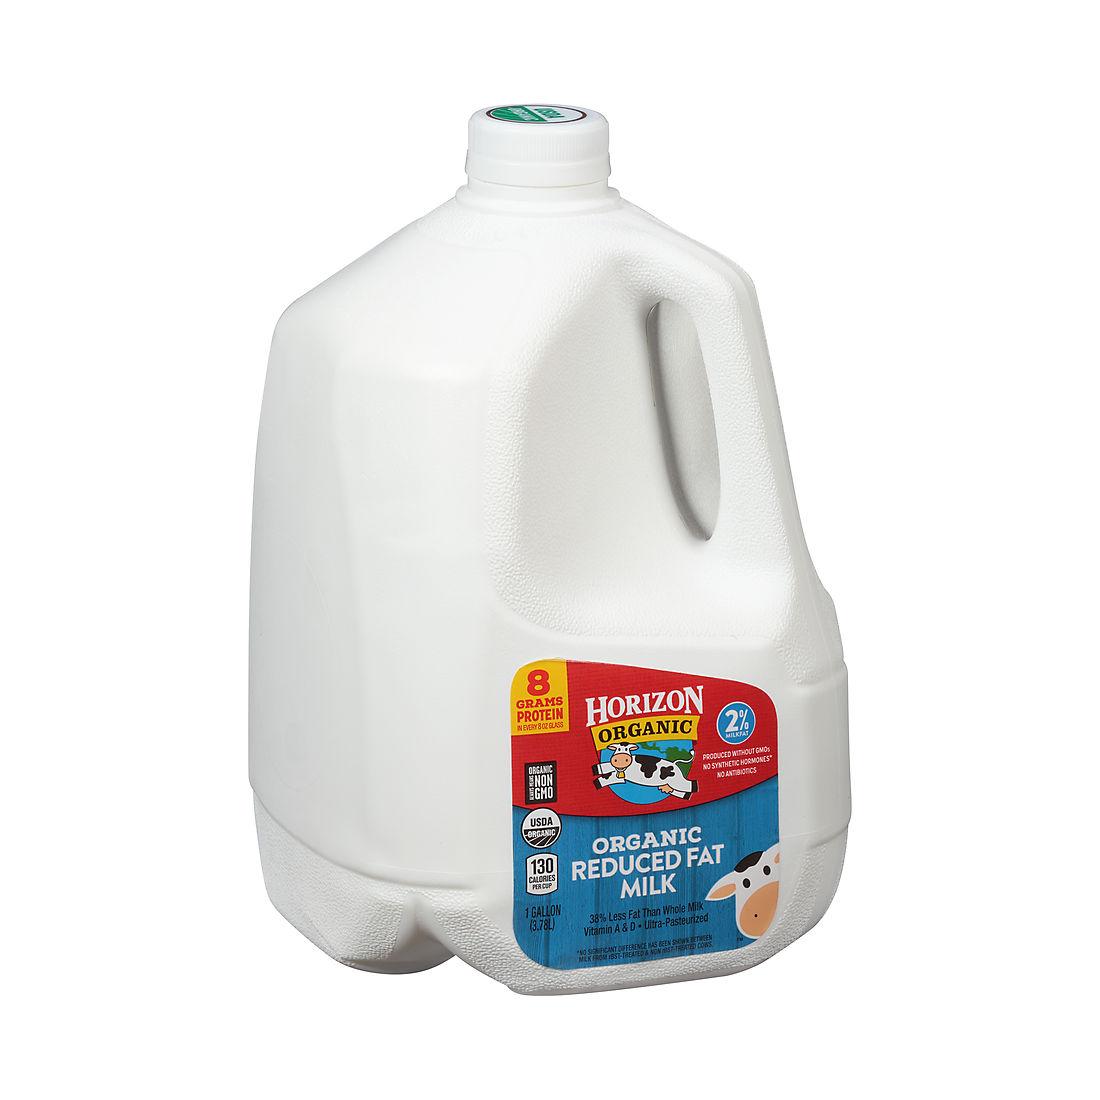 Horizon Organic 2% Milk, 128 oz